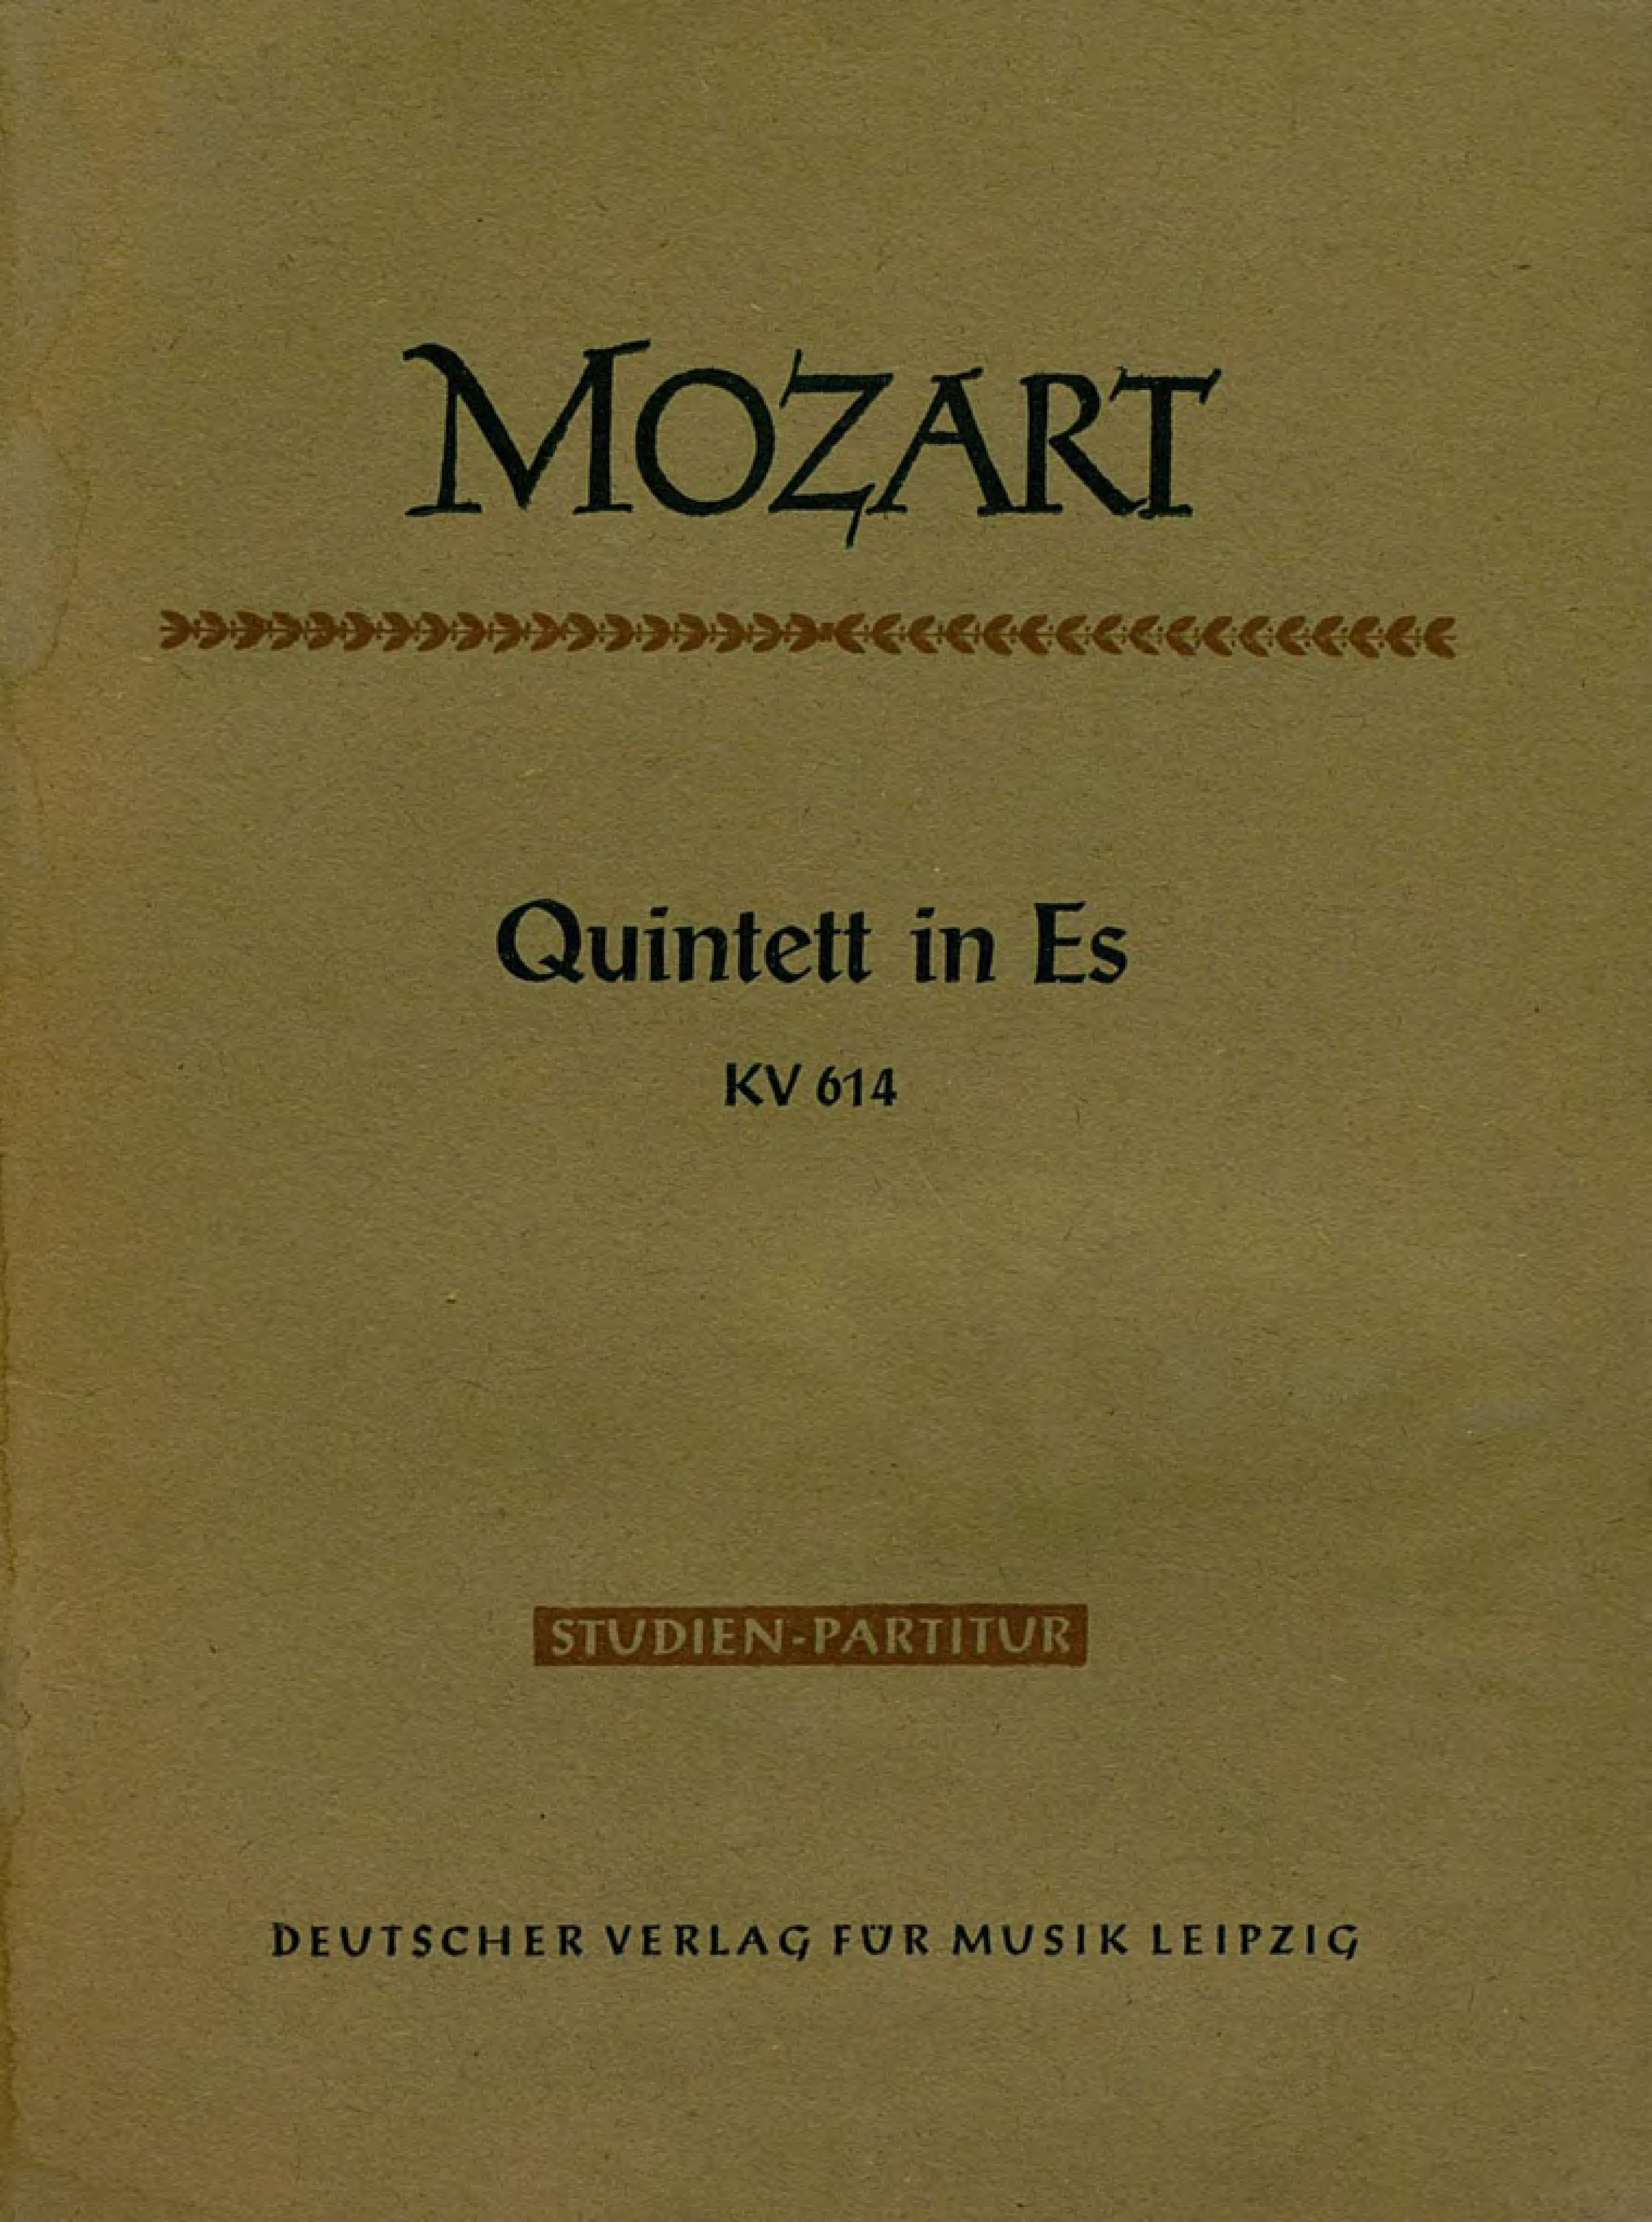 Вольфганг Амадей Моцарт Quintett in Es fur 2 Violinen, 2 Violen u. Violoncello вольфганг амадей моцарт fantaisie ii in c mol pour piano a 2 mains